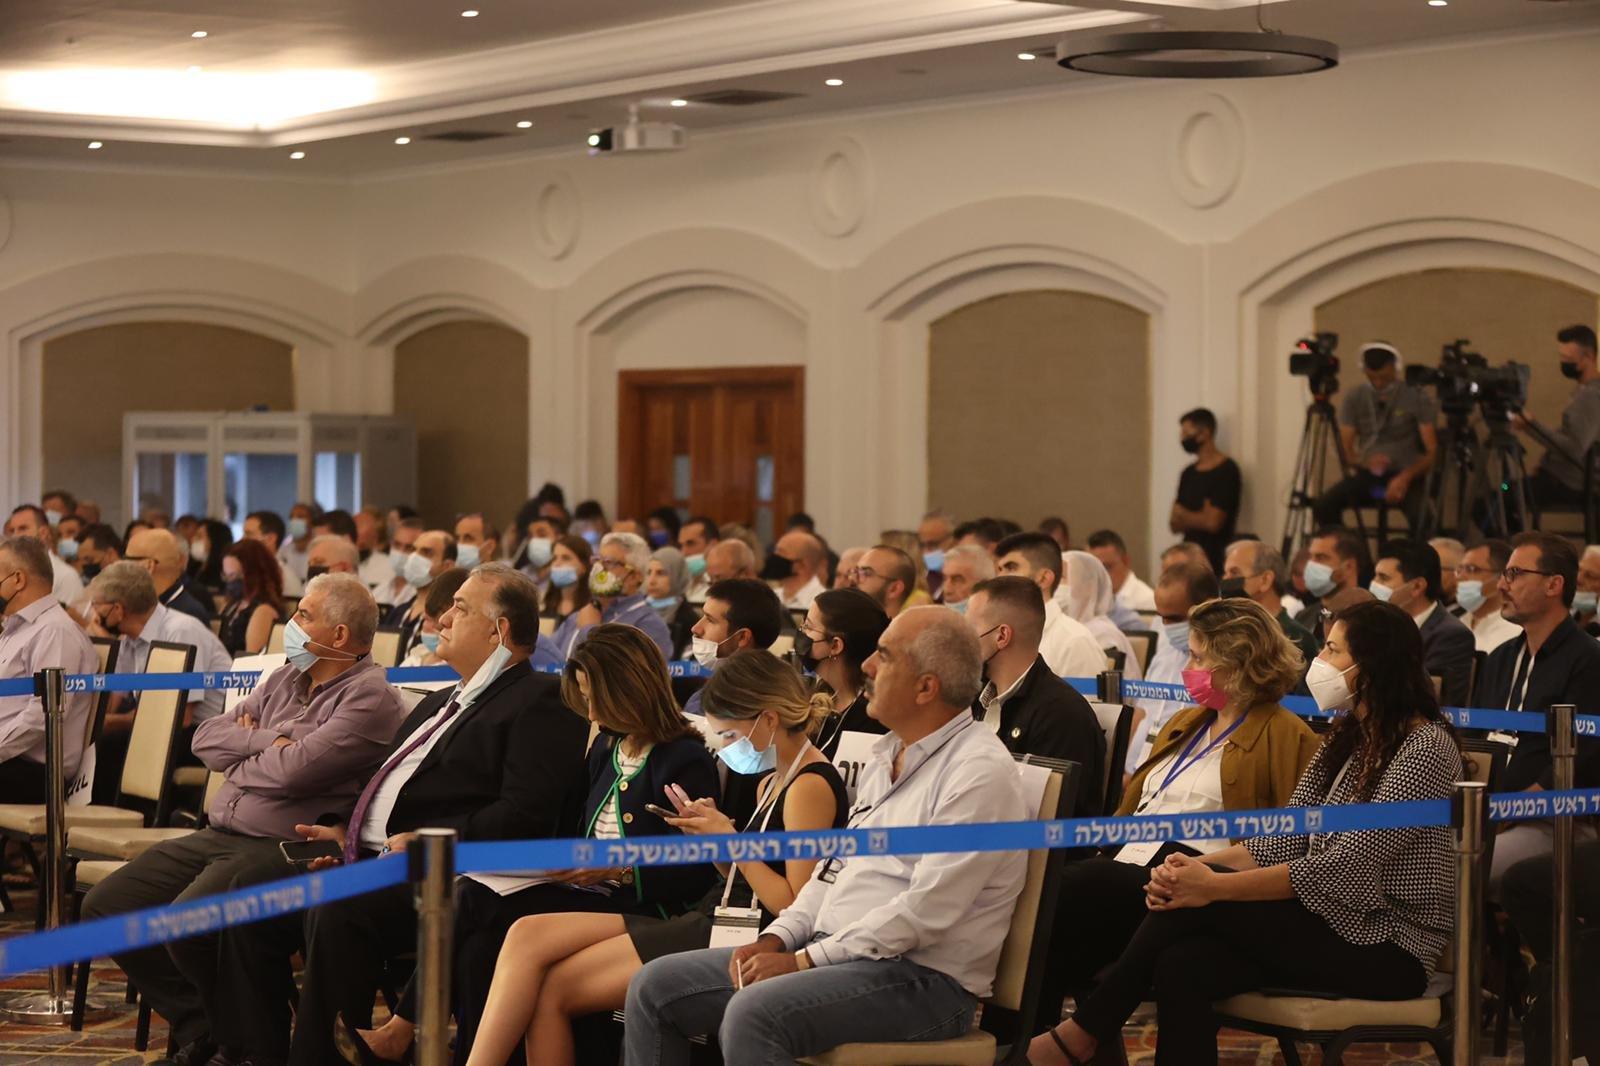 مشاركة كبيرة ومحاضرات هامة في المؤتمر الاقتصادي للمجتمع العربي بالناصرة-12